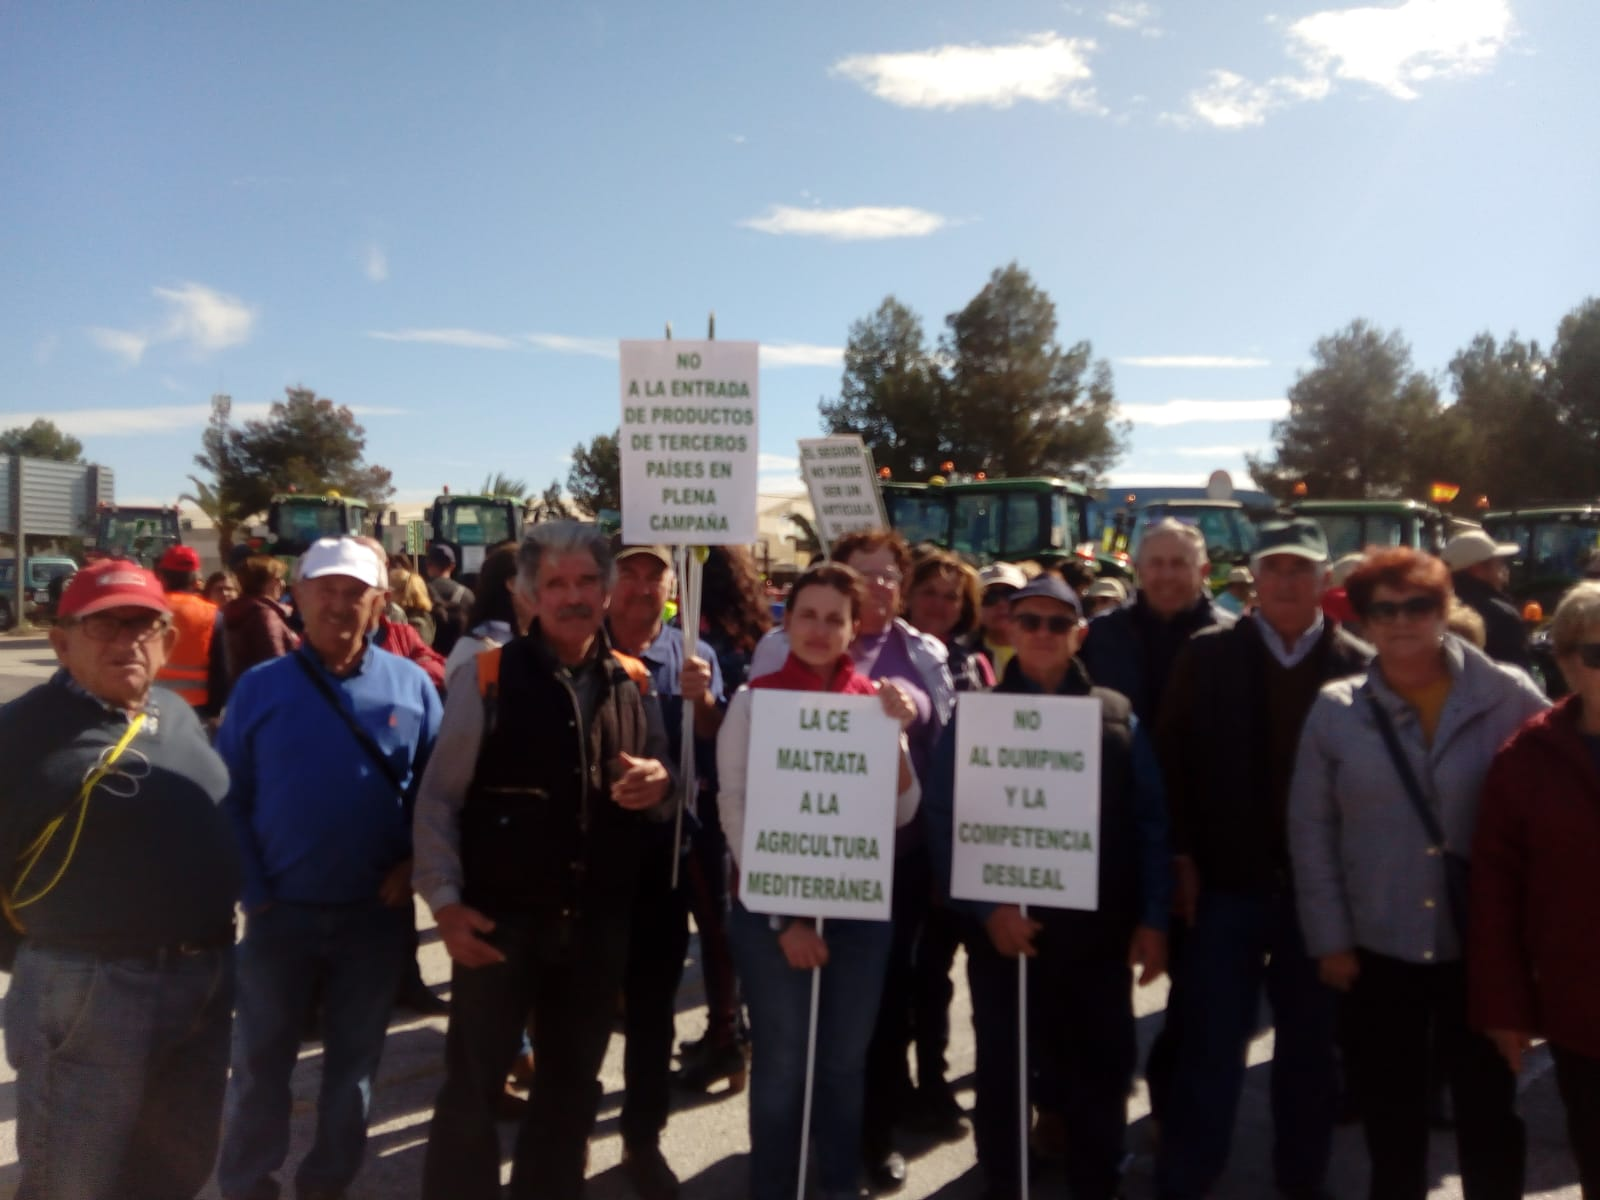 Loa agricultores ven insuficiente los cambios del Gobierno y mantienen las movilizaciones